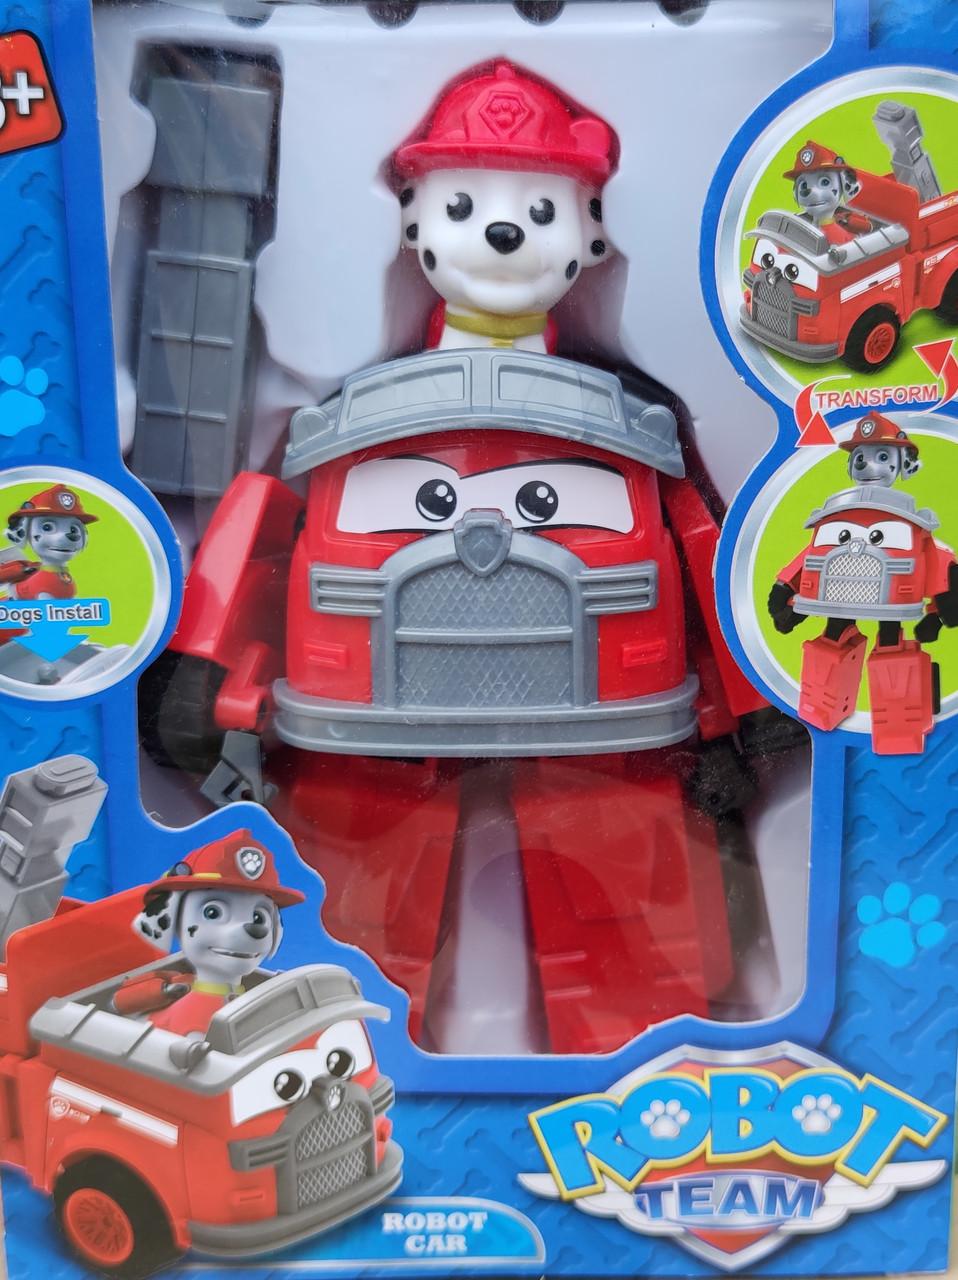 Фигурка игрушка щенок Маршал с машинкой с транспортом из мультфильма Щенячий патруль 17 см.